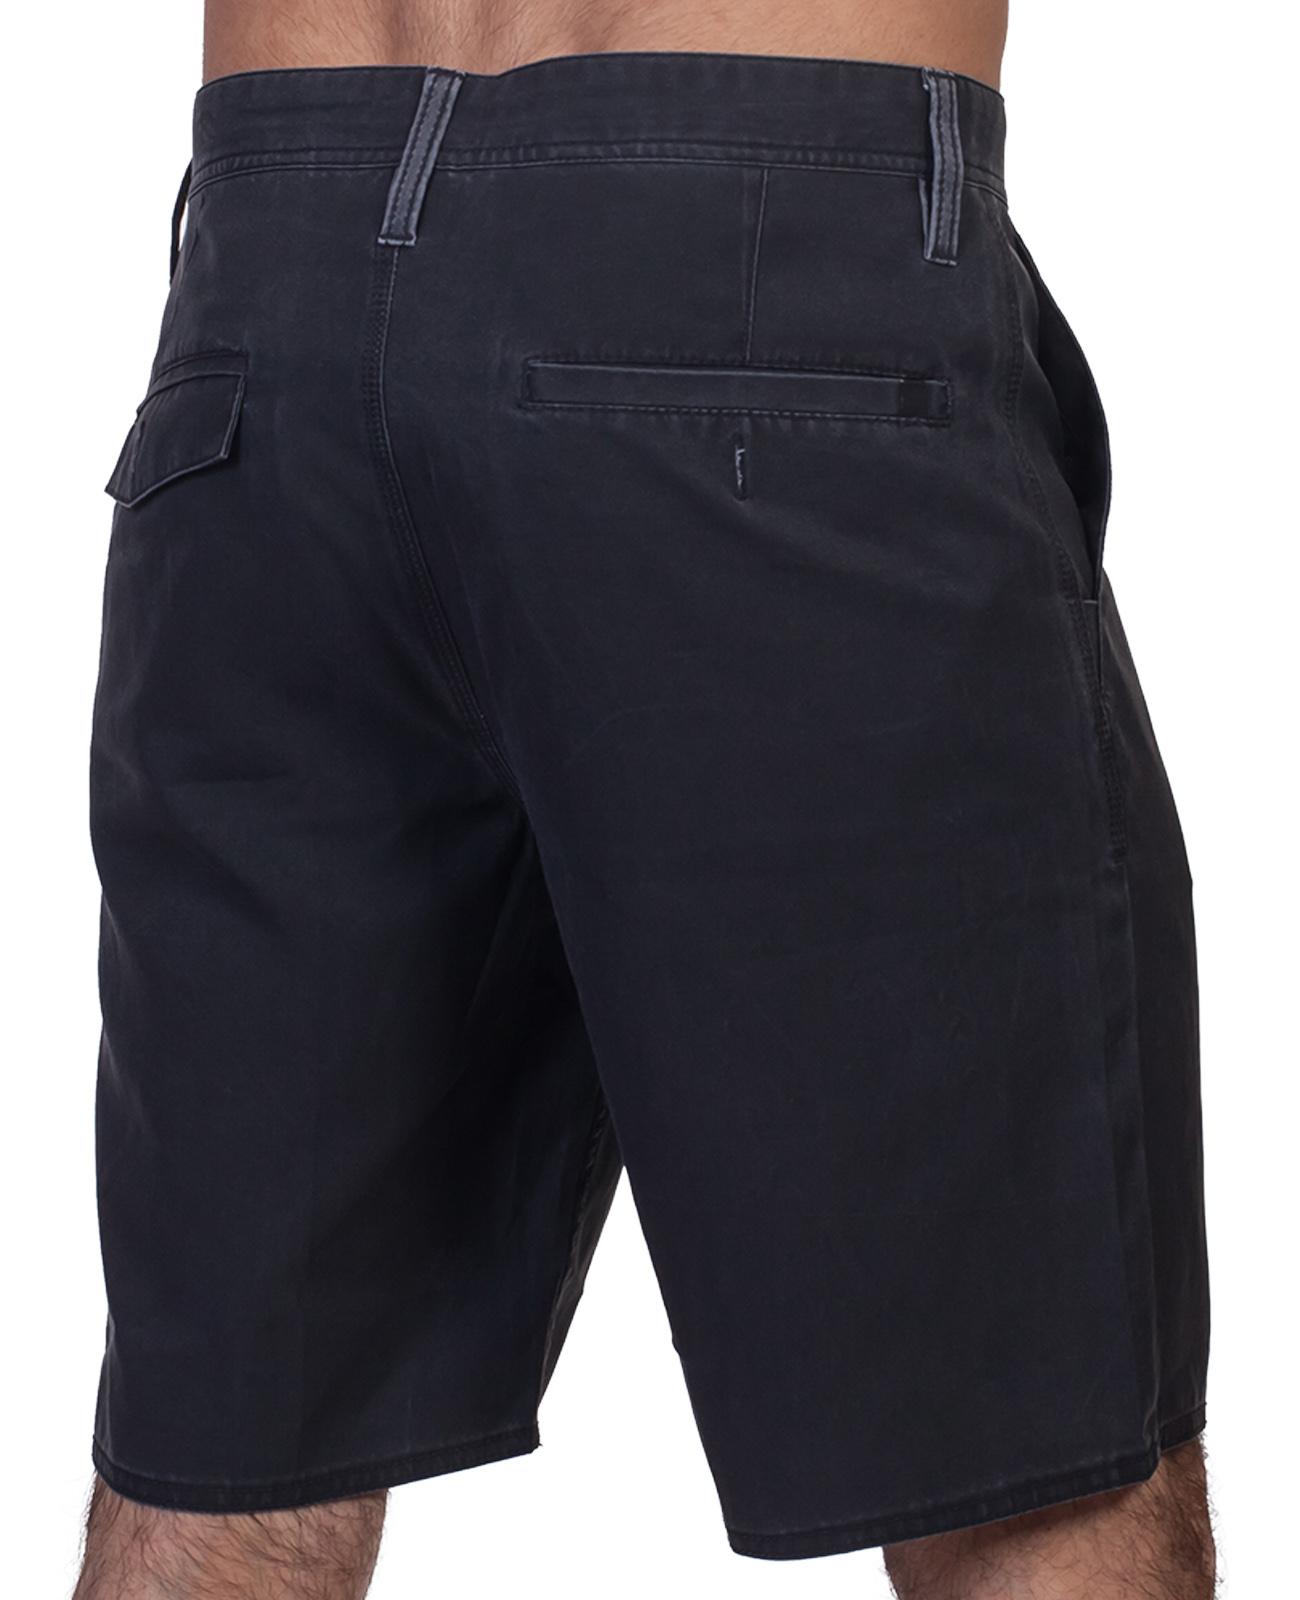 Недорогие шорты для парней и мужчин от ТМ Boardwalk